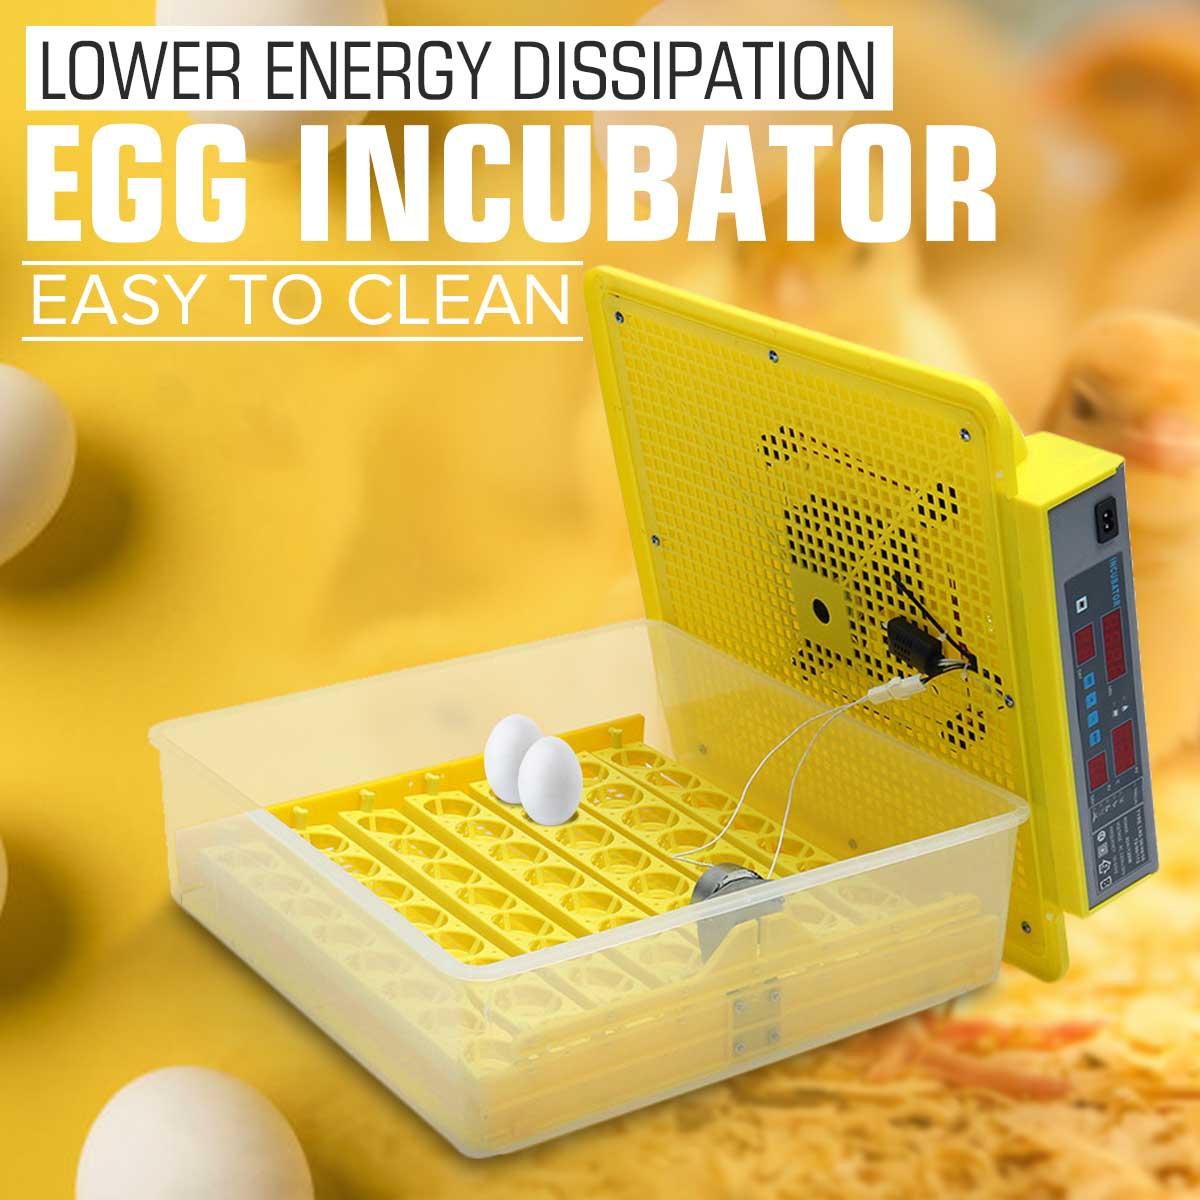 56 Transformando Frango Pato ovo Incubadora Nascedouro Chocadeira Digital Totalmente Automático Controle de Temperatura Umidade Nova máquina de Incubação